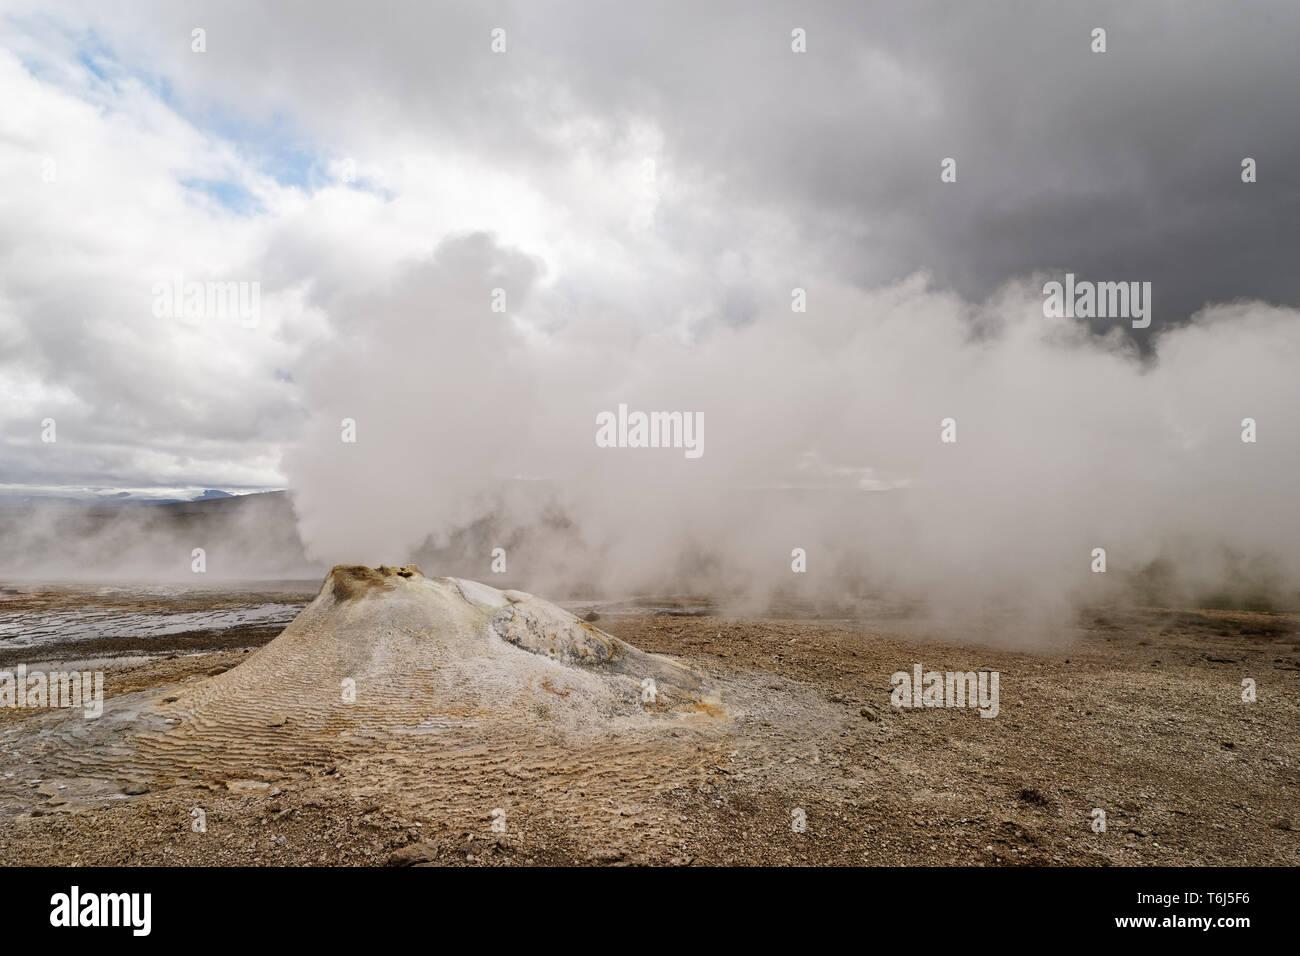 Vulkanische Landschaft mit einer großen Fumarole, die eine Menge Dampf löst, im Hintergrund weiter Dampf, Wind lässt den Dampf in der Horizontalen Stockbild